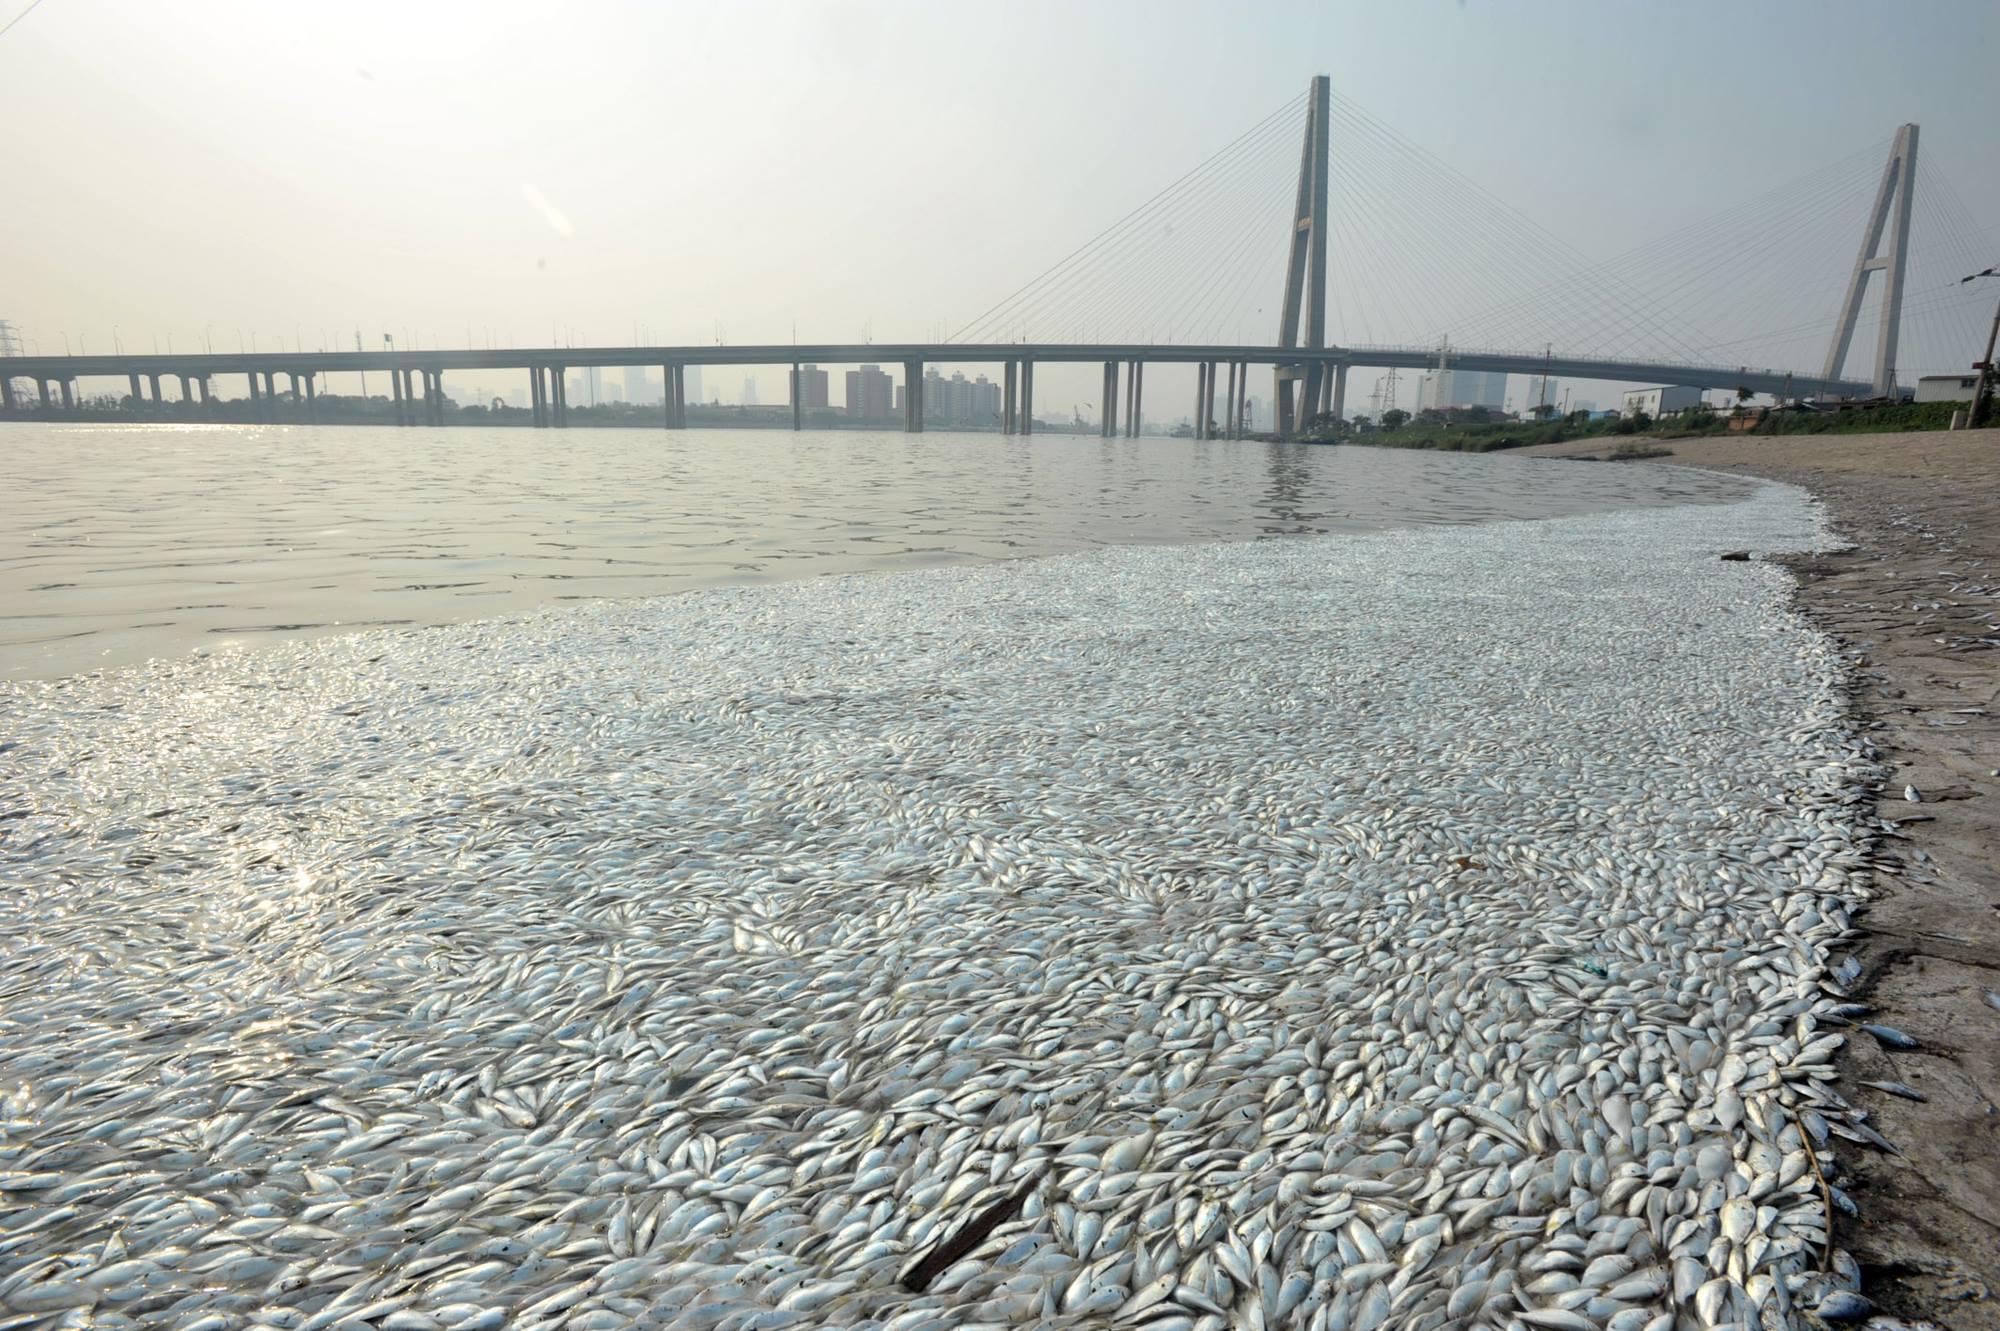 Ribuan ikan mati terdampar di tengah kota, fenomena apa ini?